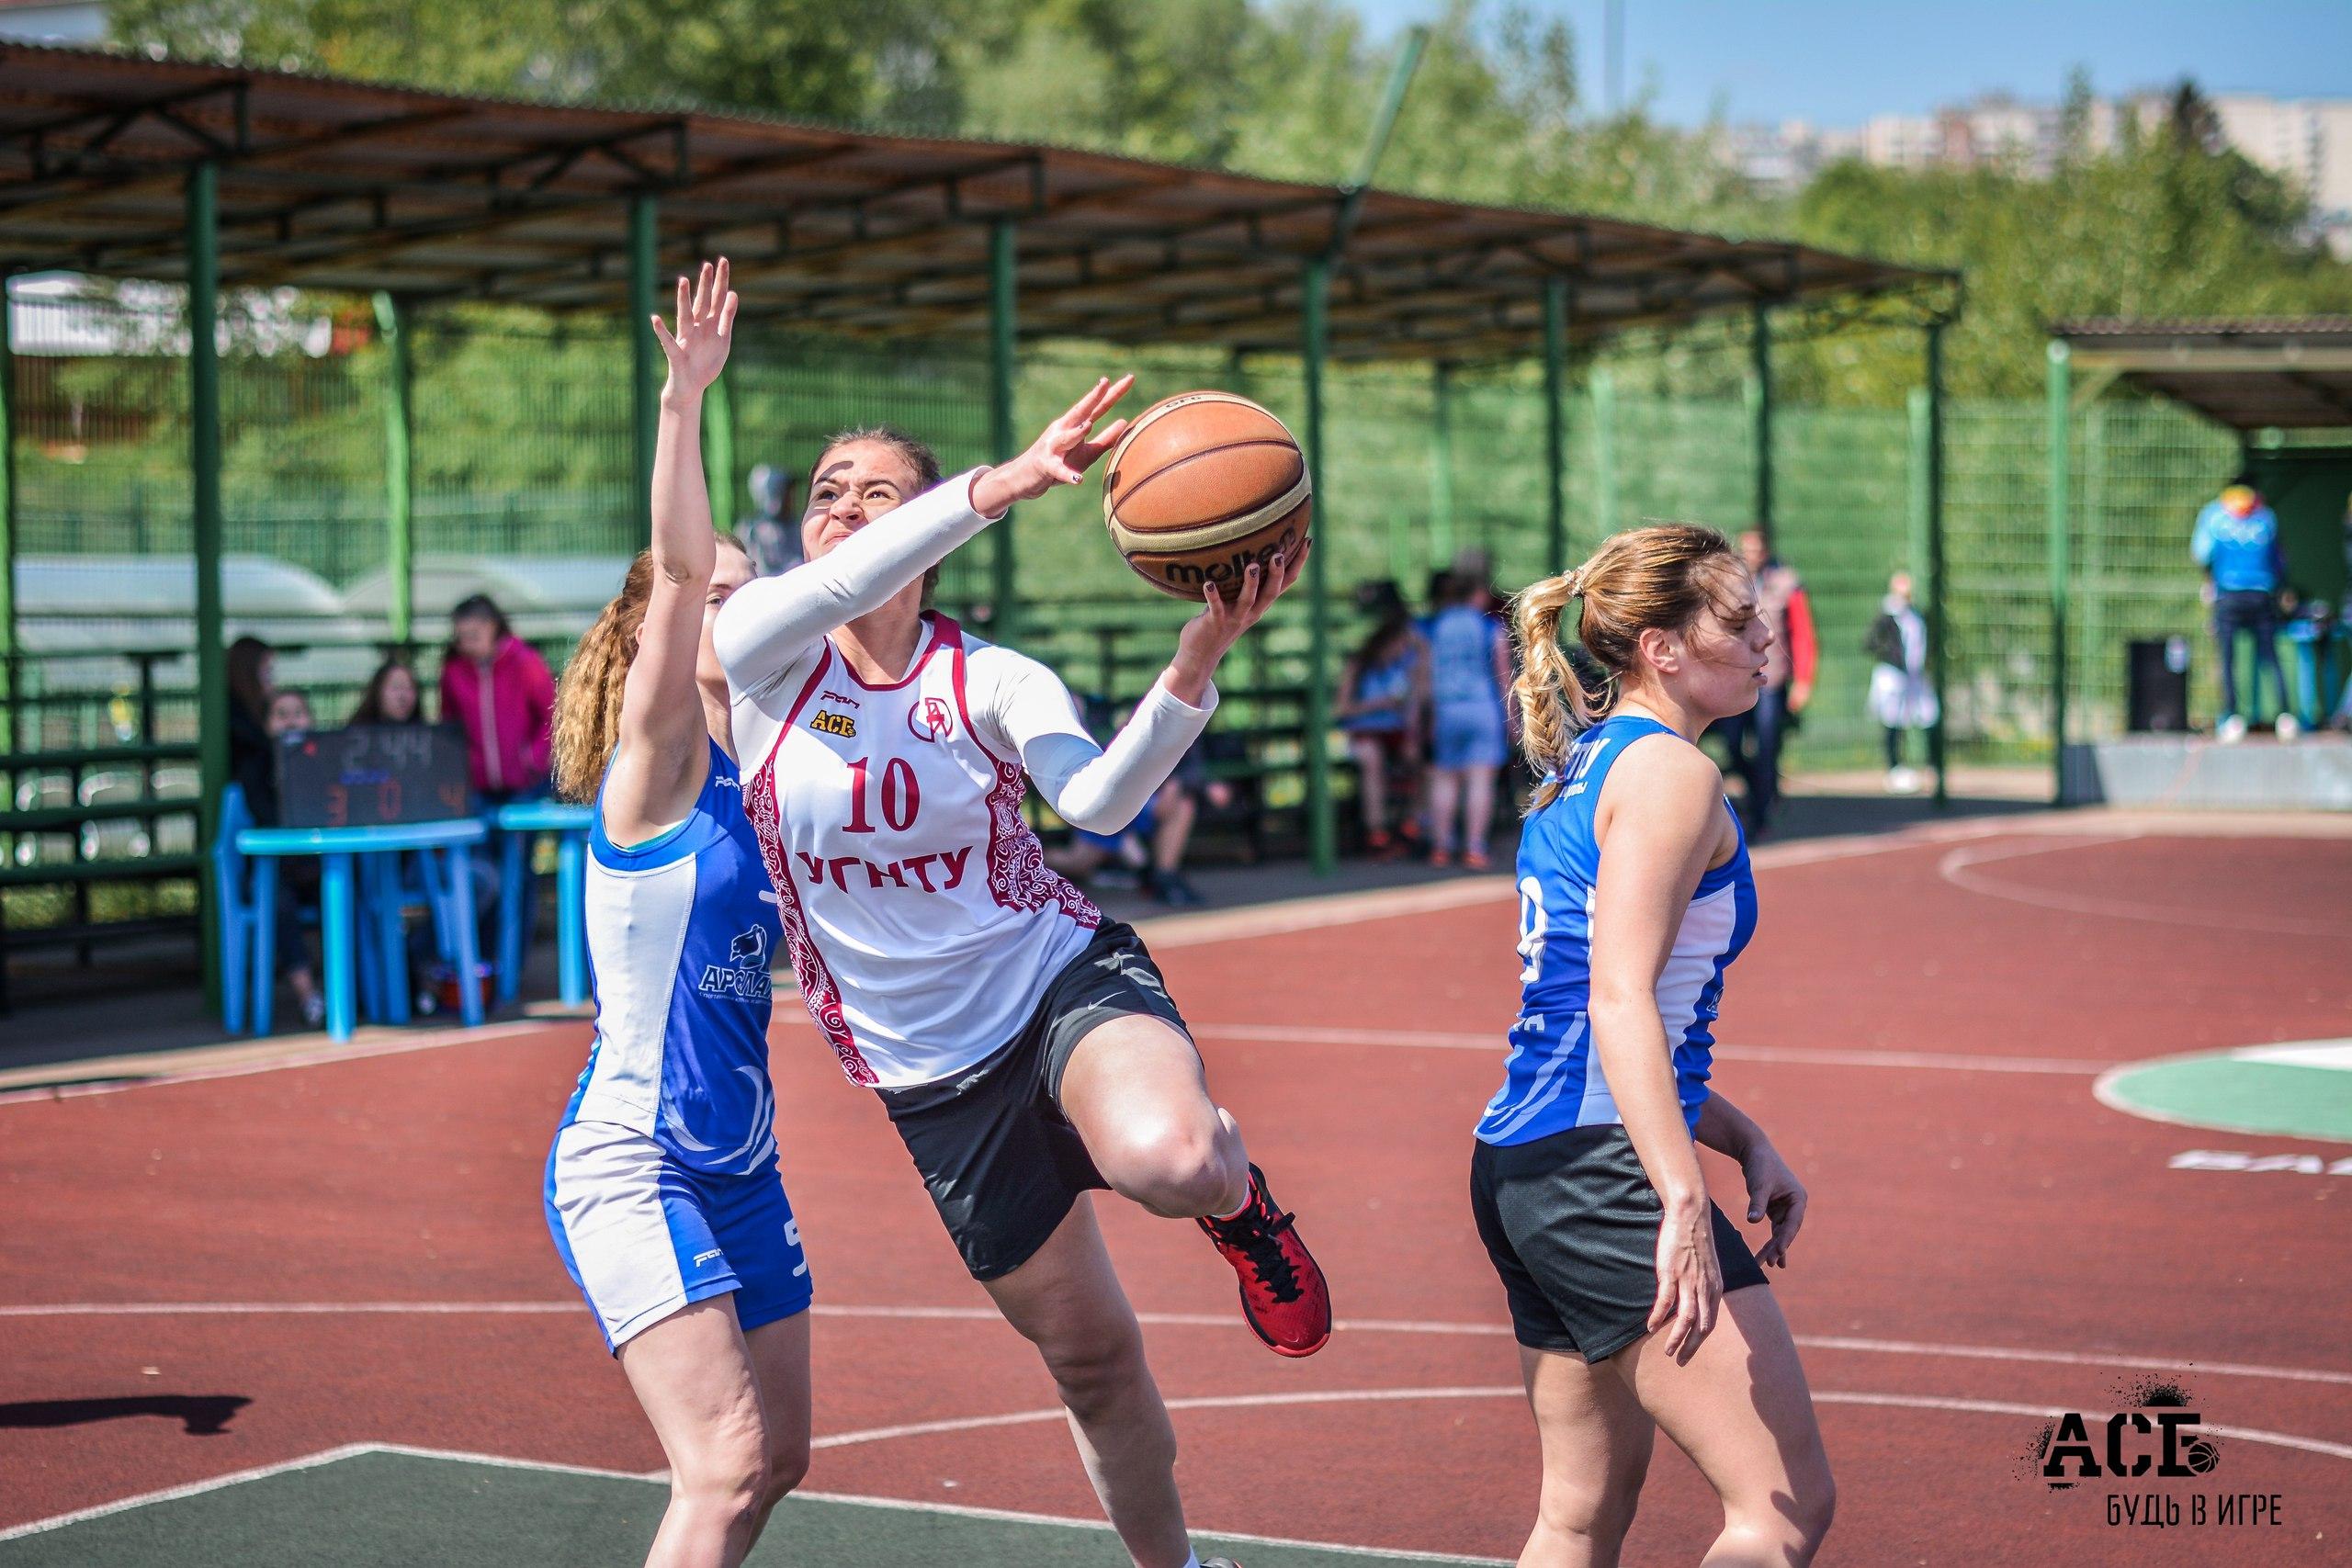 d7472f29 В минувшие выходные в Томске, Уфе и Перми прошли региональные турниры АСБ  3x3